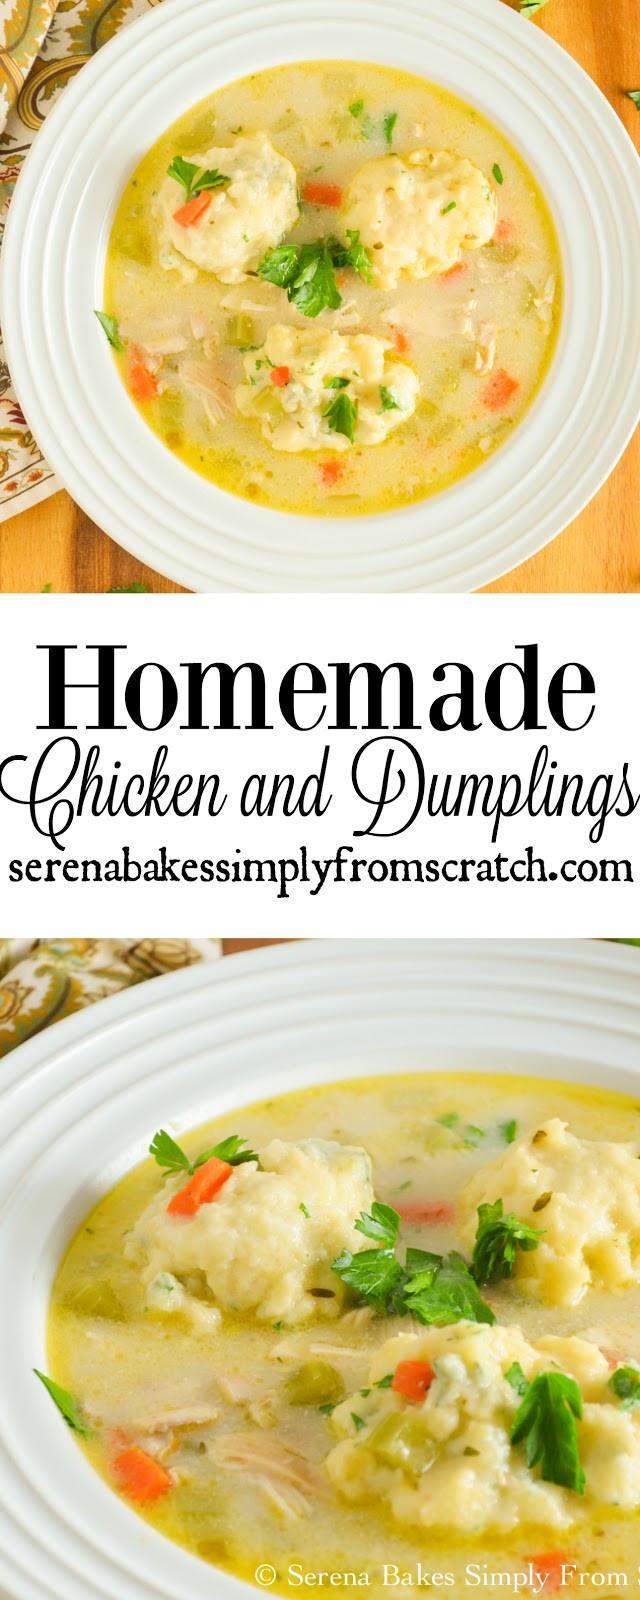 Homemade Chicken And Dumplings  Homemade Chicken and Dumplings